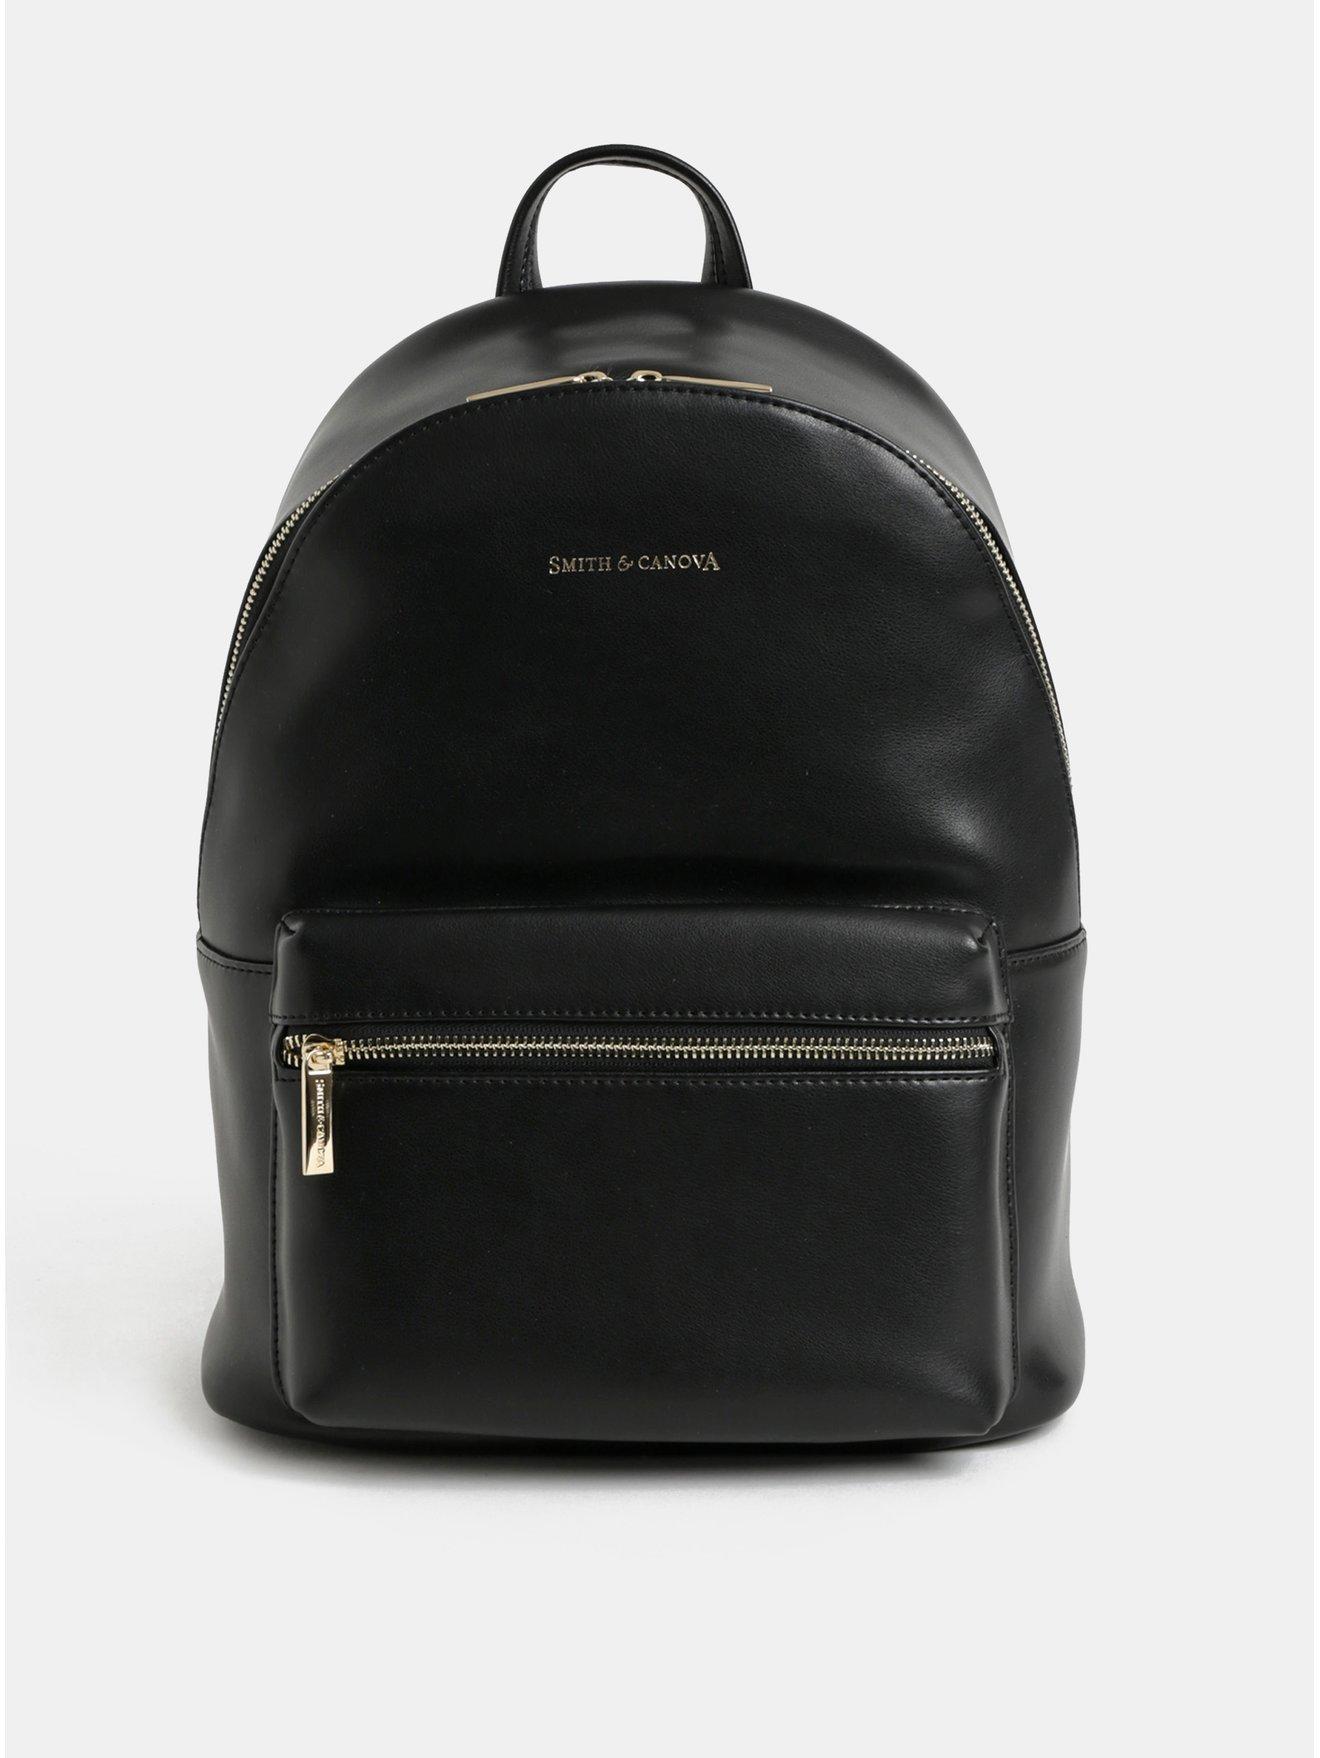 Černý kožený elegantní batoh Smith   Canova - Batohy c8a5d86ea4